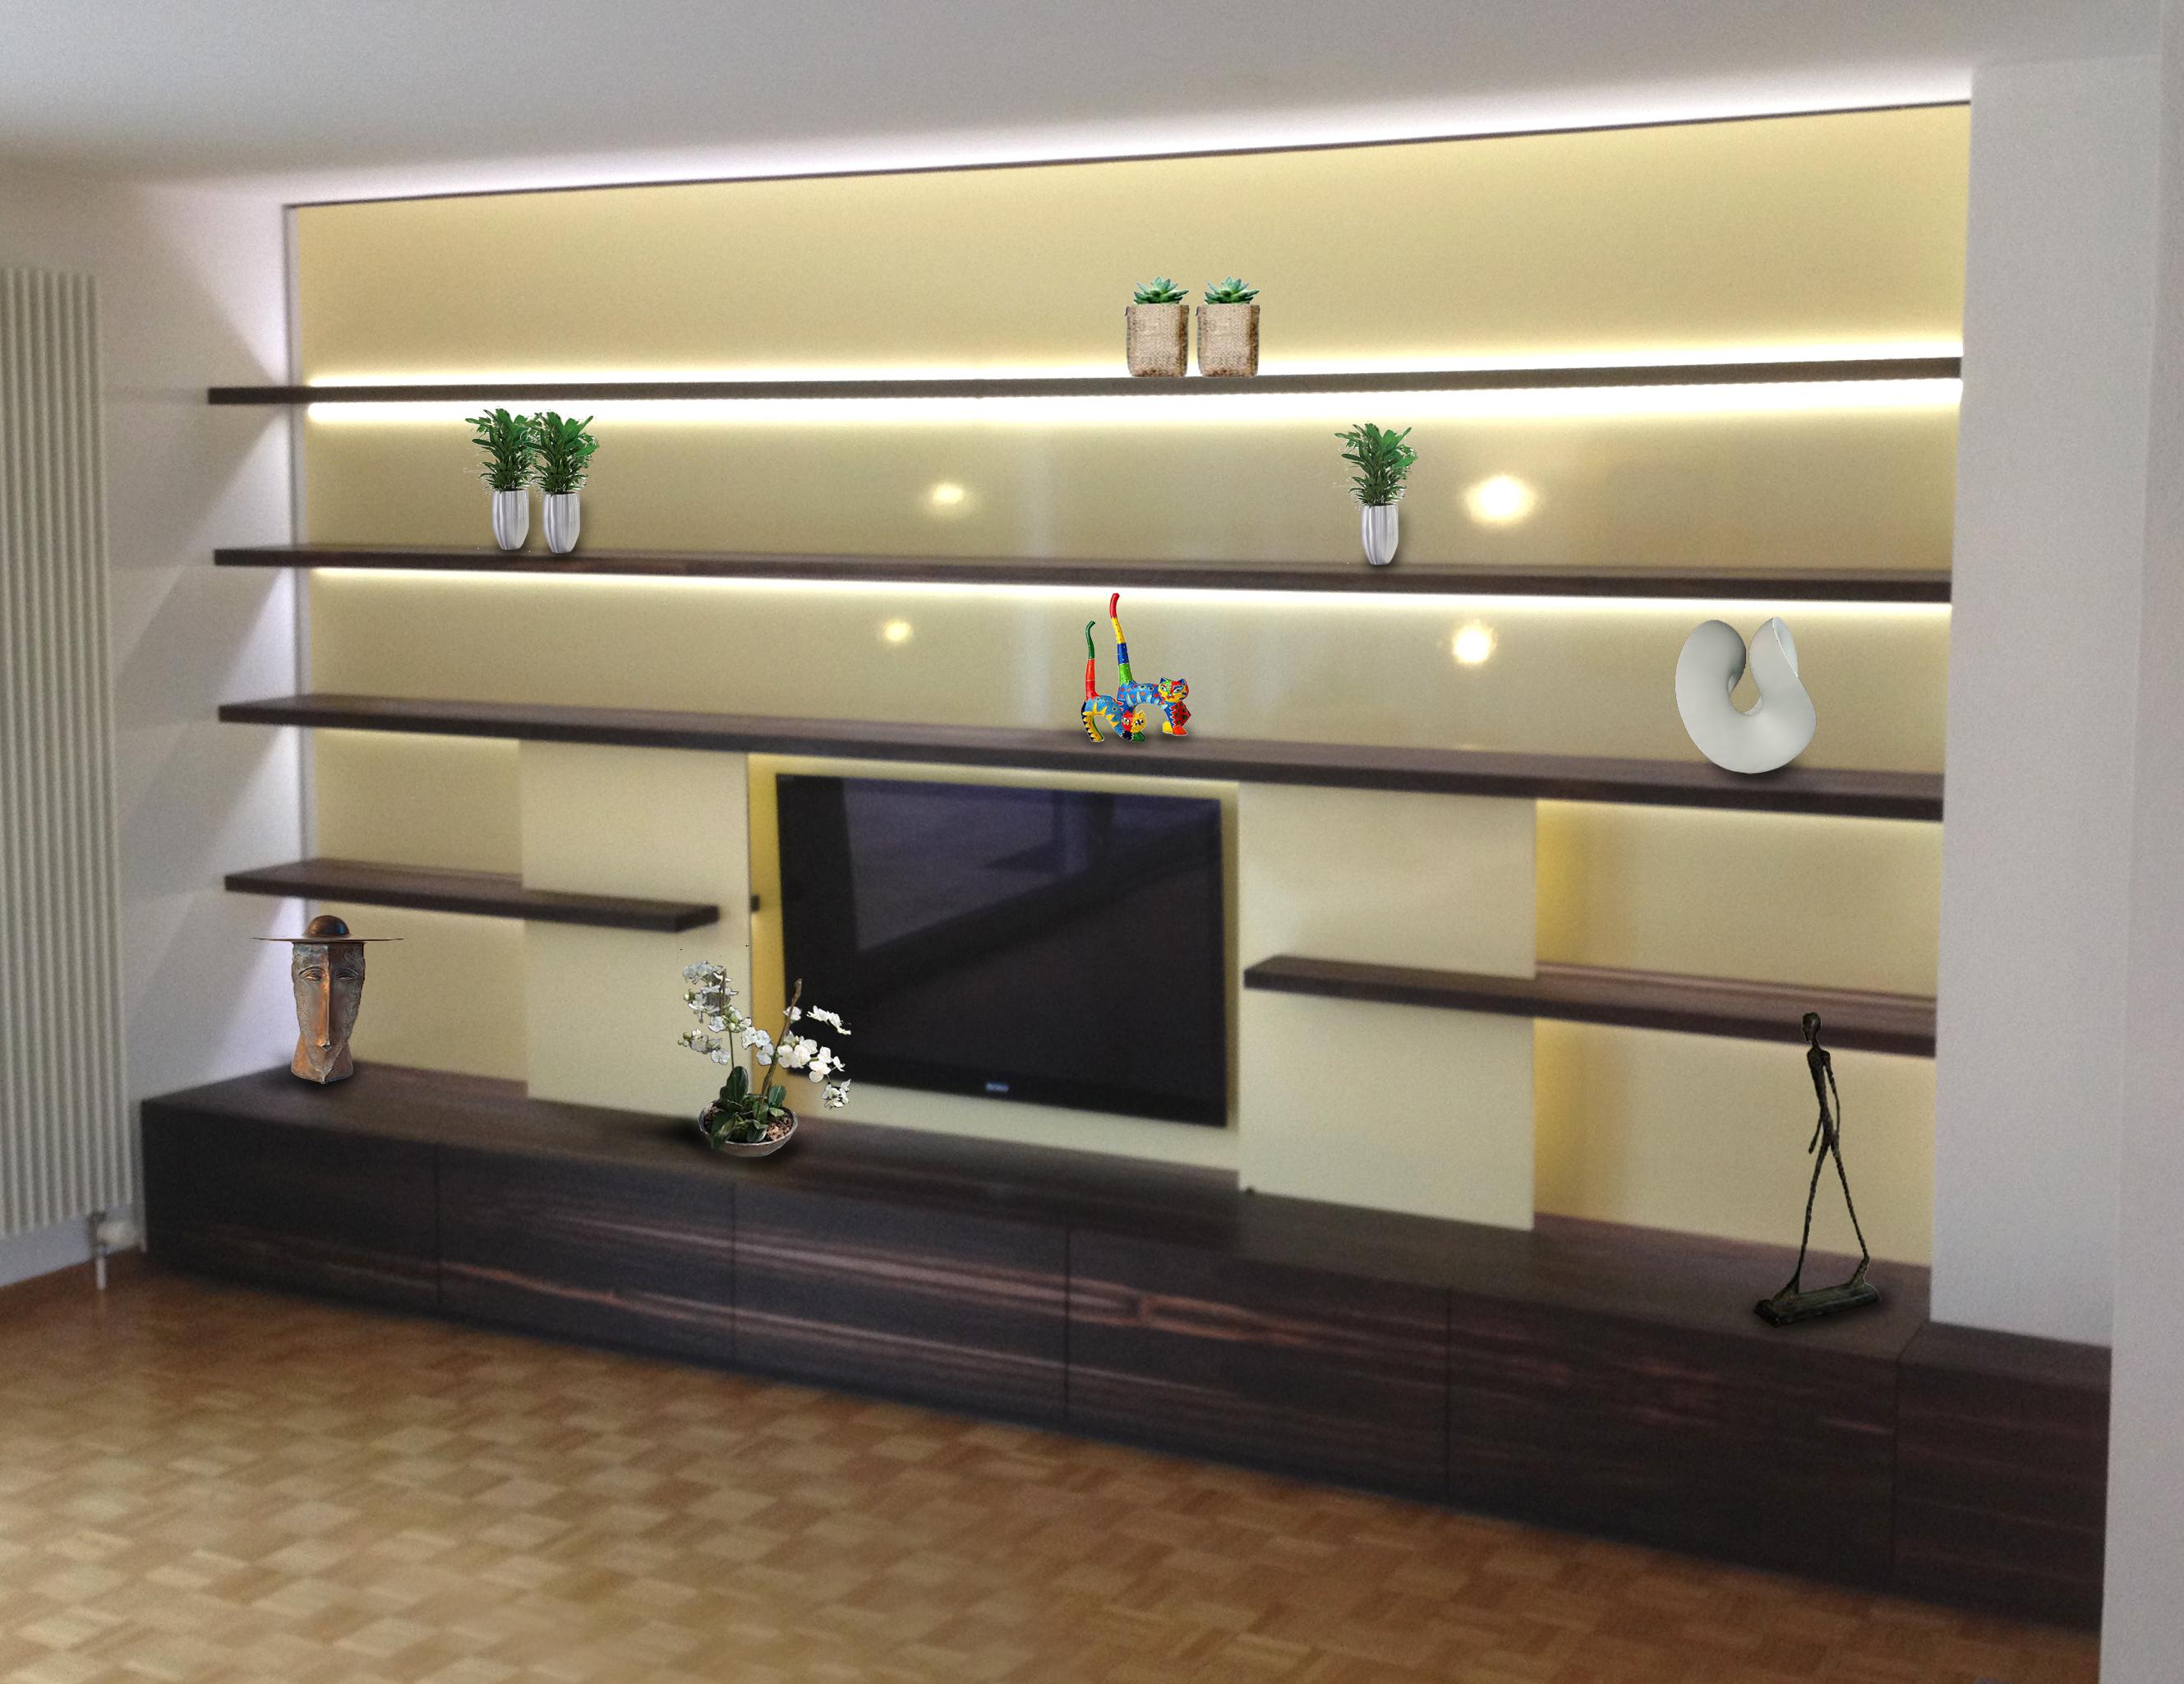 Wohnwand: rh design   die kreative werkstatt